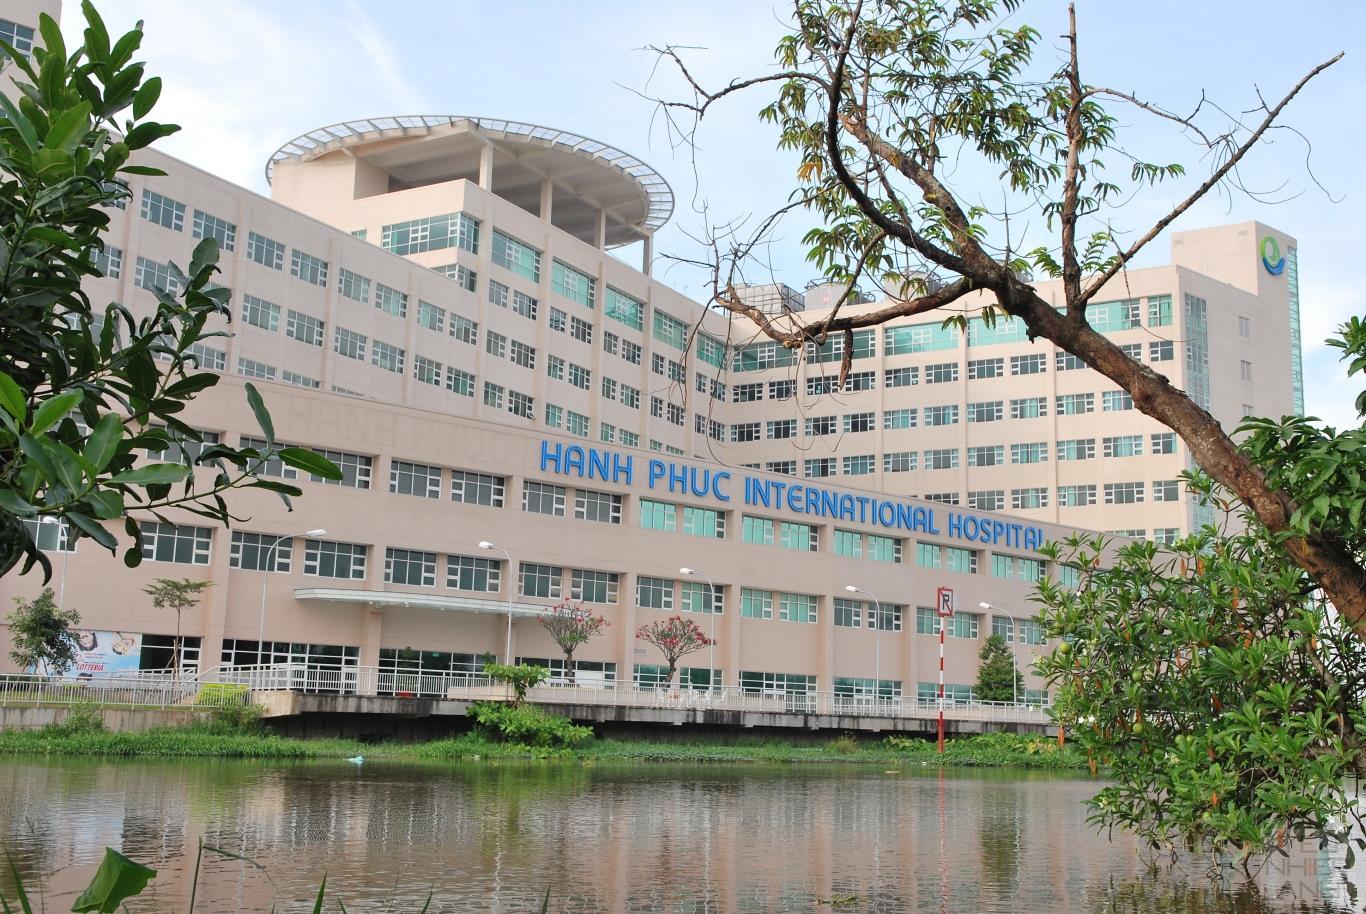 Đánh giá về Bệnh viện Quốc tế Hạnh Phúc